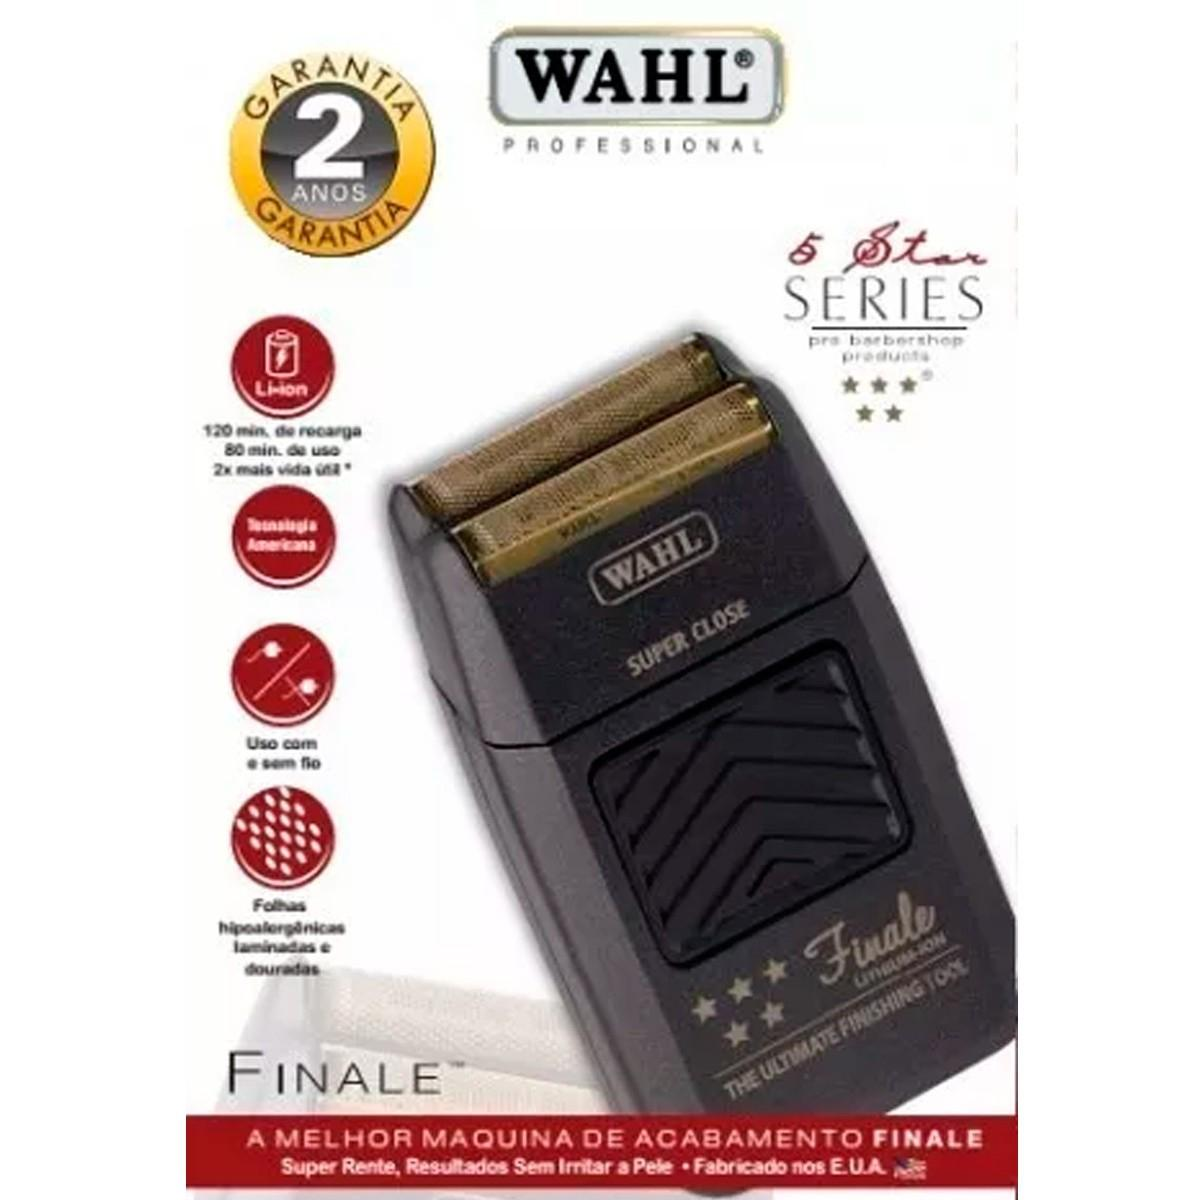 f740a89f5 Máquina Barbeador Profissional Shaver Wahl Finale R$ 588,90 à vista.  Adicionar à sacola